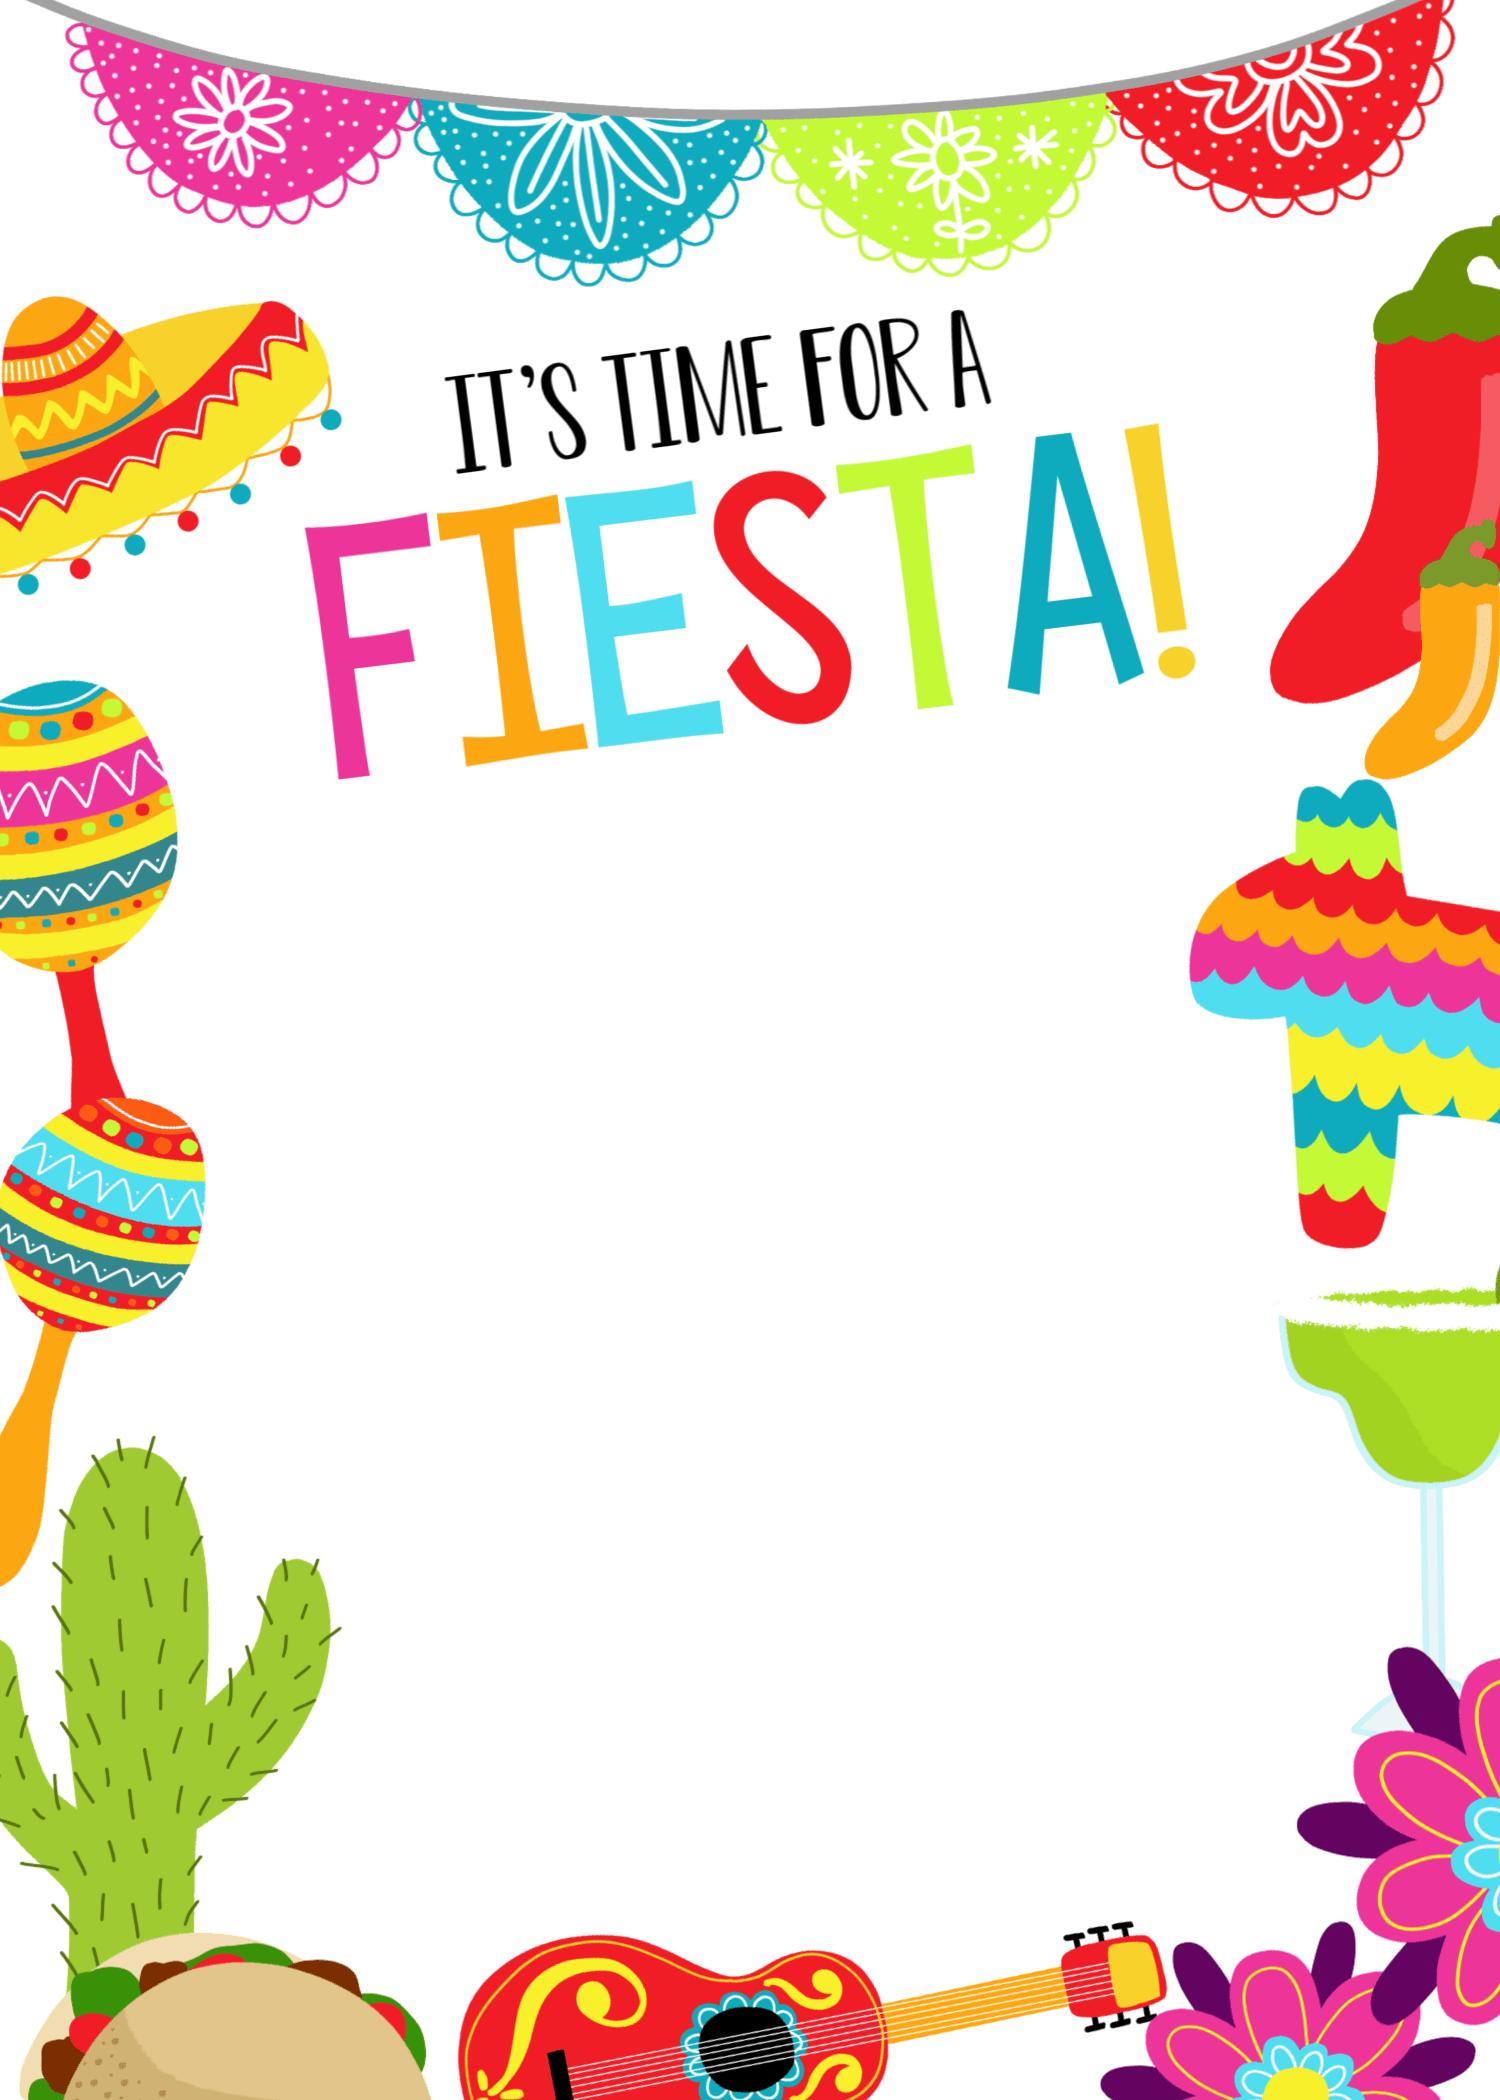 Mexican Themed Party Ideas En 2020 Invitaciones Mexicanas Fiesta Invitaciones Mexicanas Decoracion Fiesta Mexicana